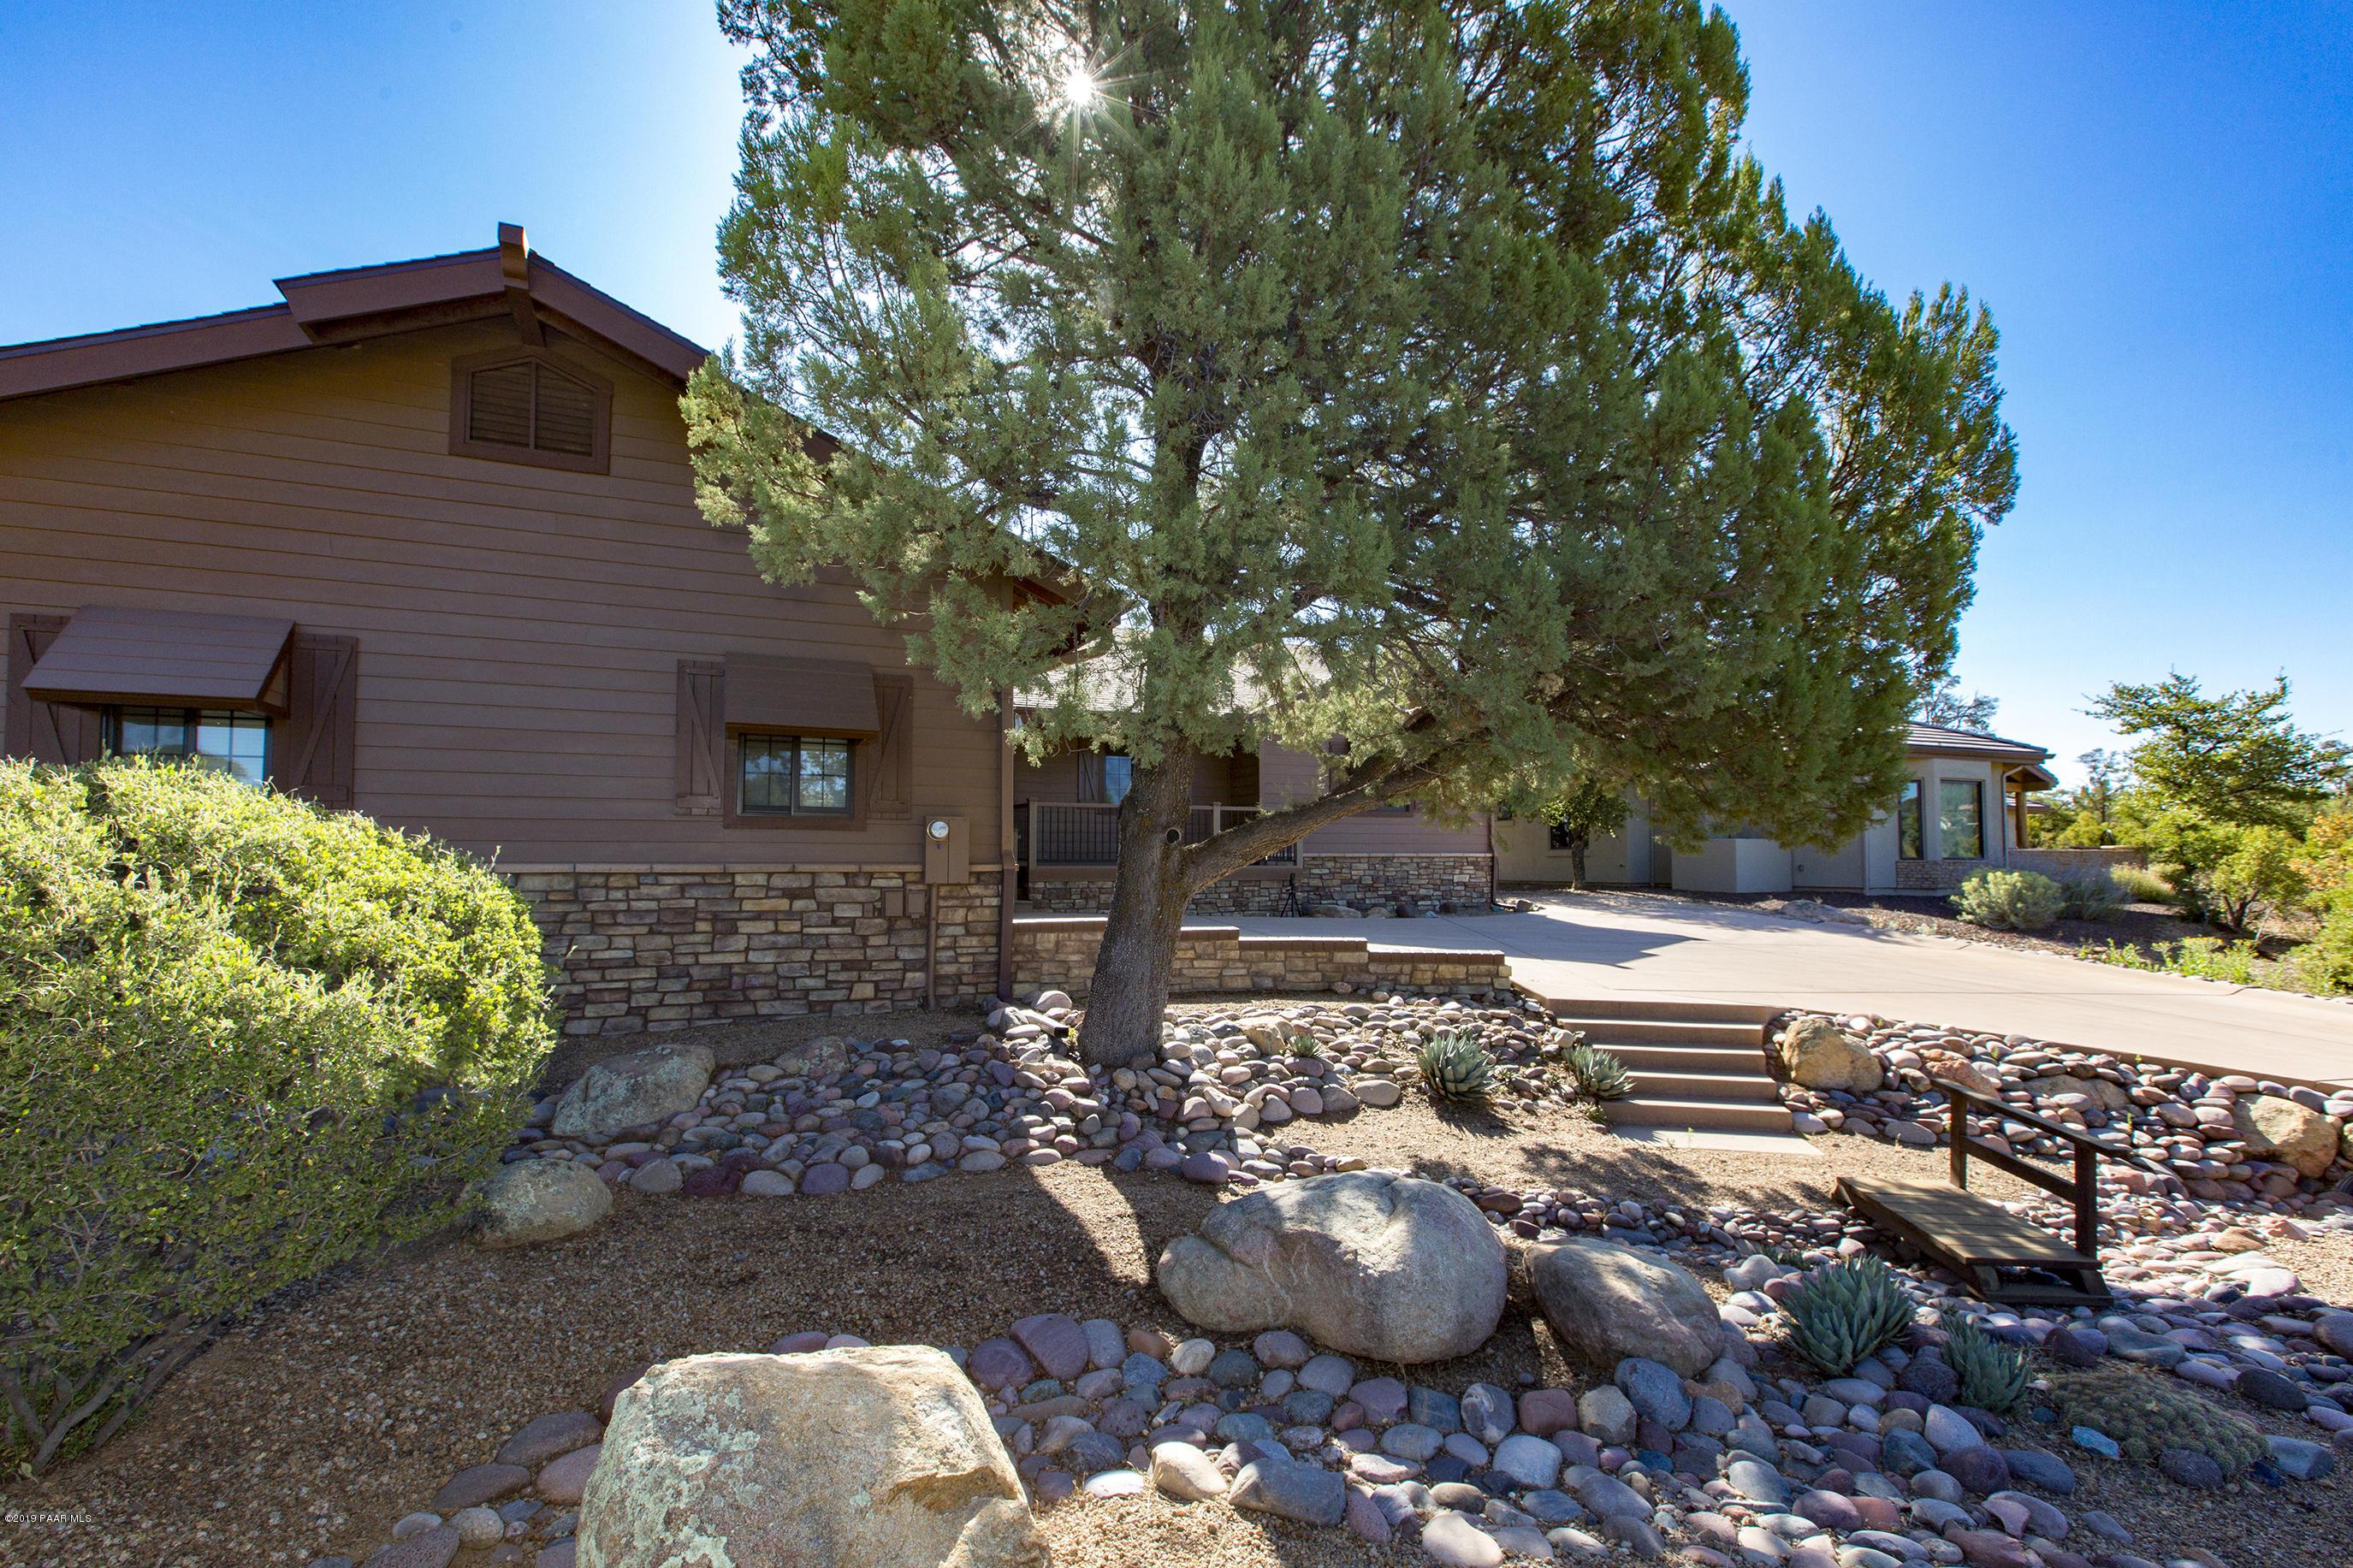 Photo of 1413 Myers Hollow, Prescott, AZ 86305